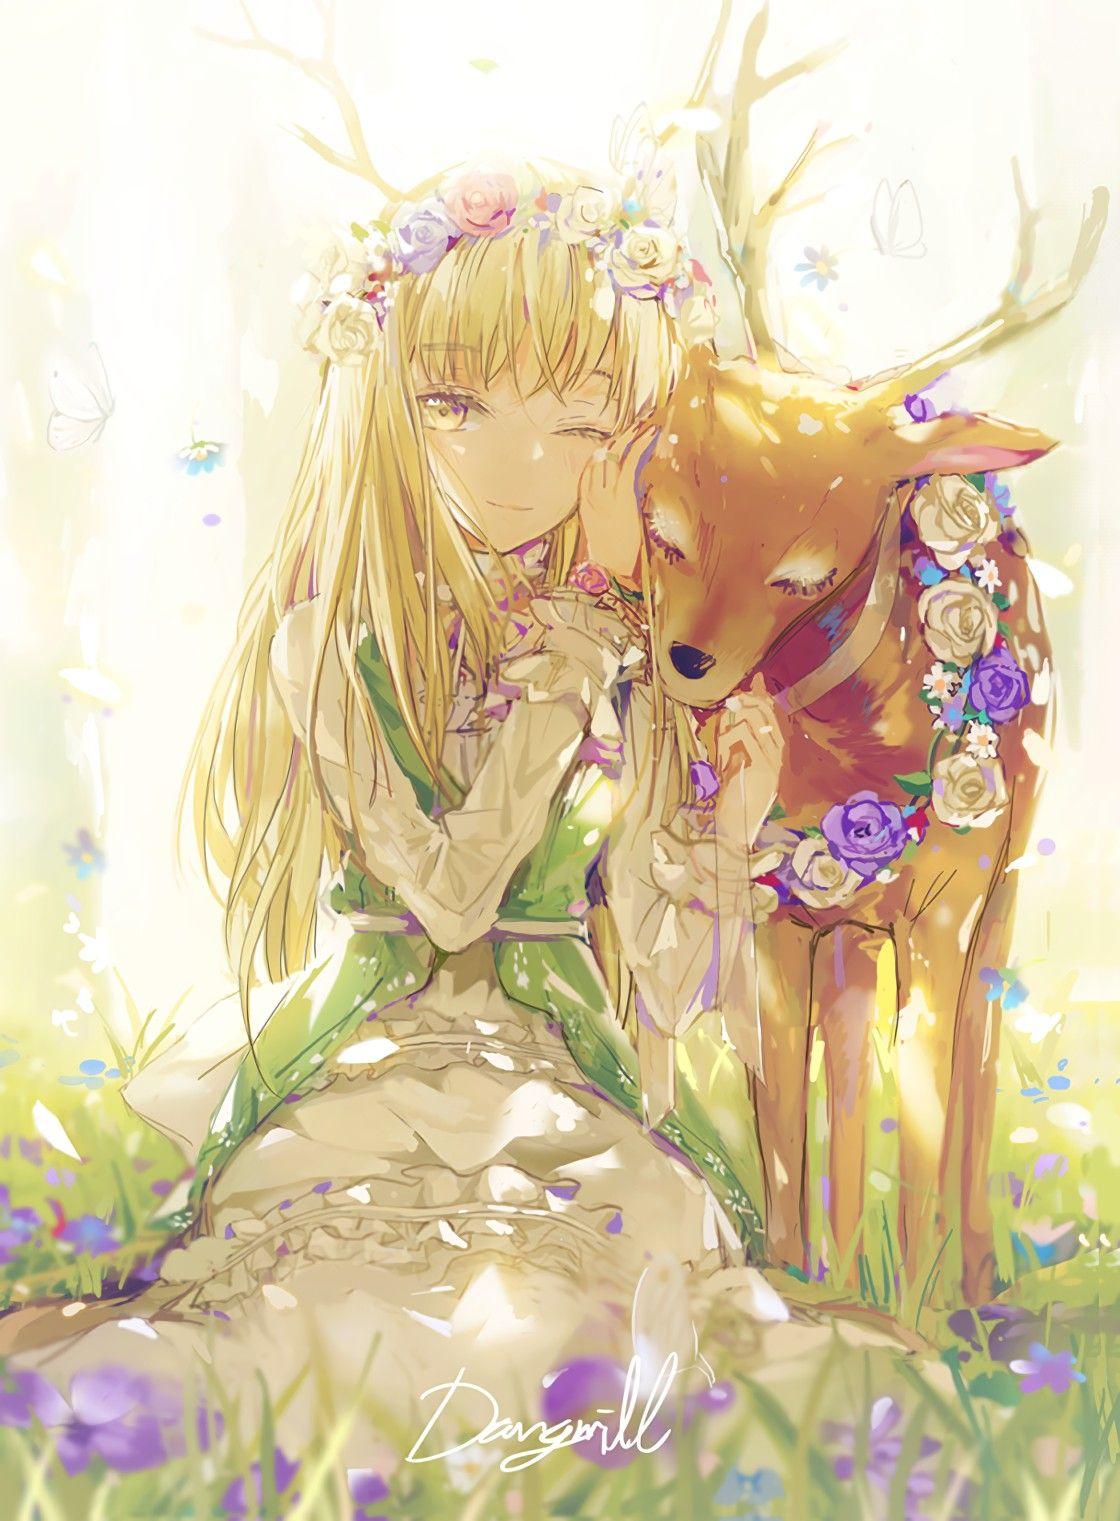 Anime Girl Pretty Deer Spring Anime Girls in